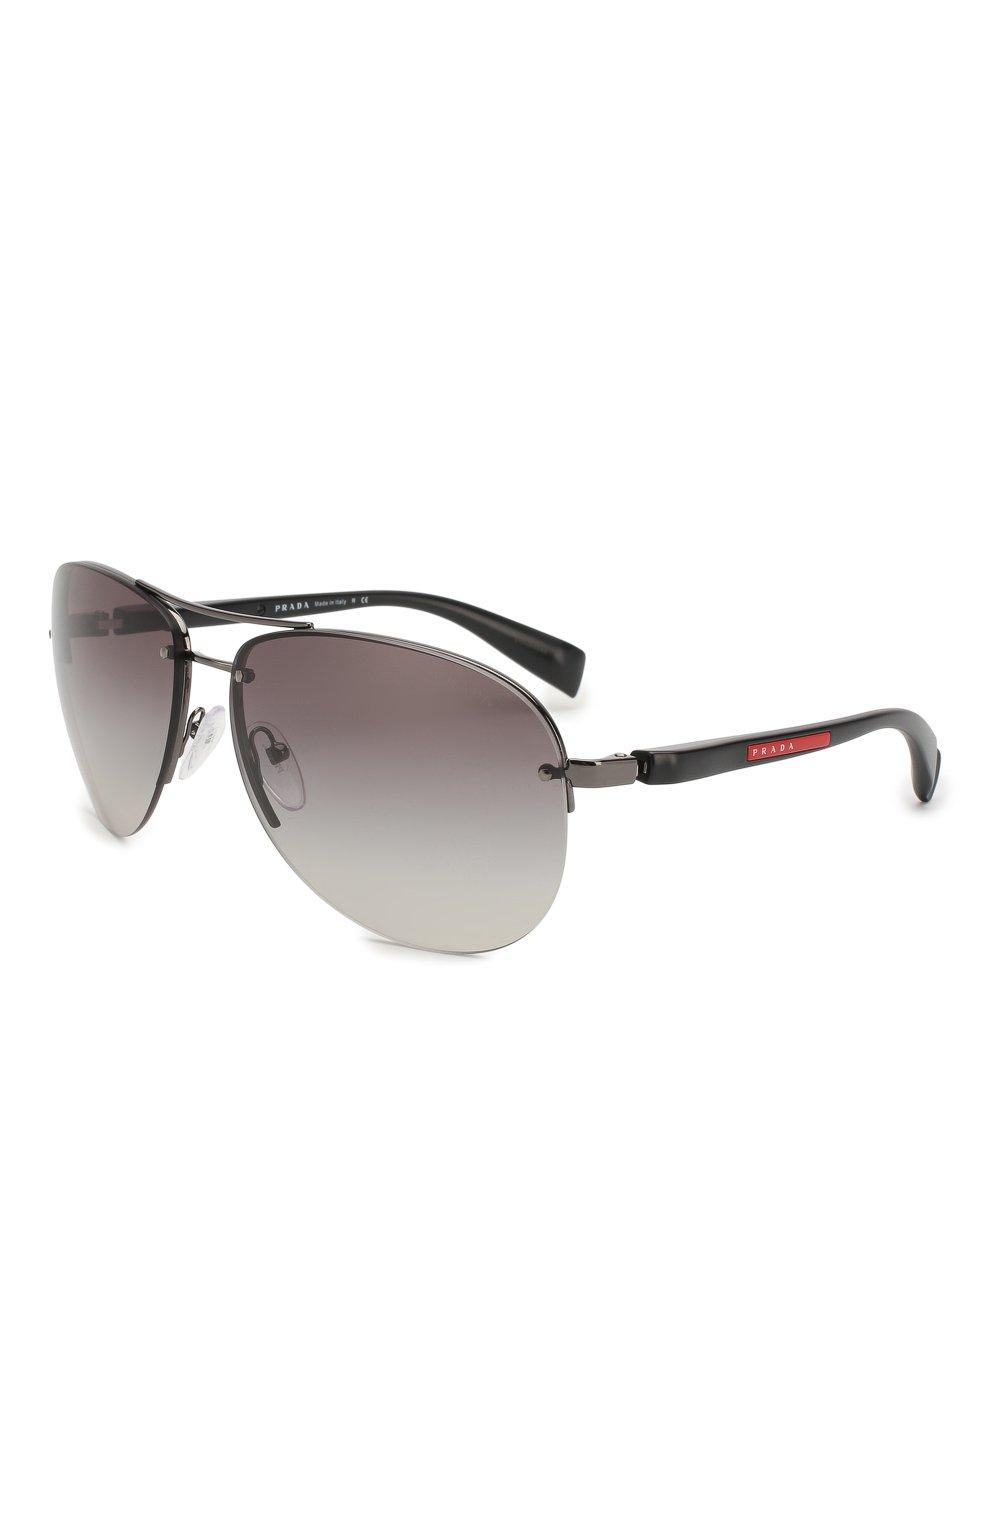 6ce74aa3bdca Мужские серые солнцезащитные очки prada linea rossa PRADA — купить ...